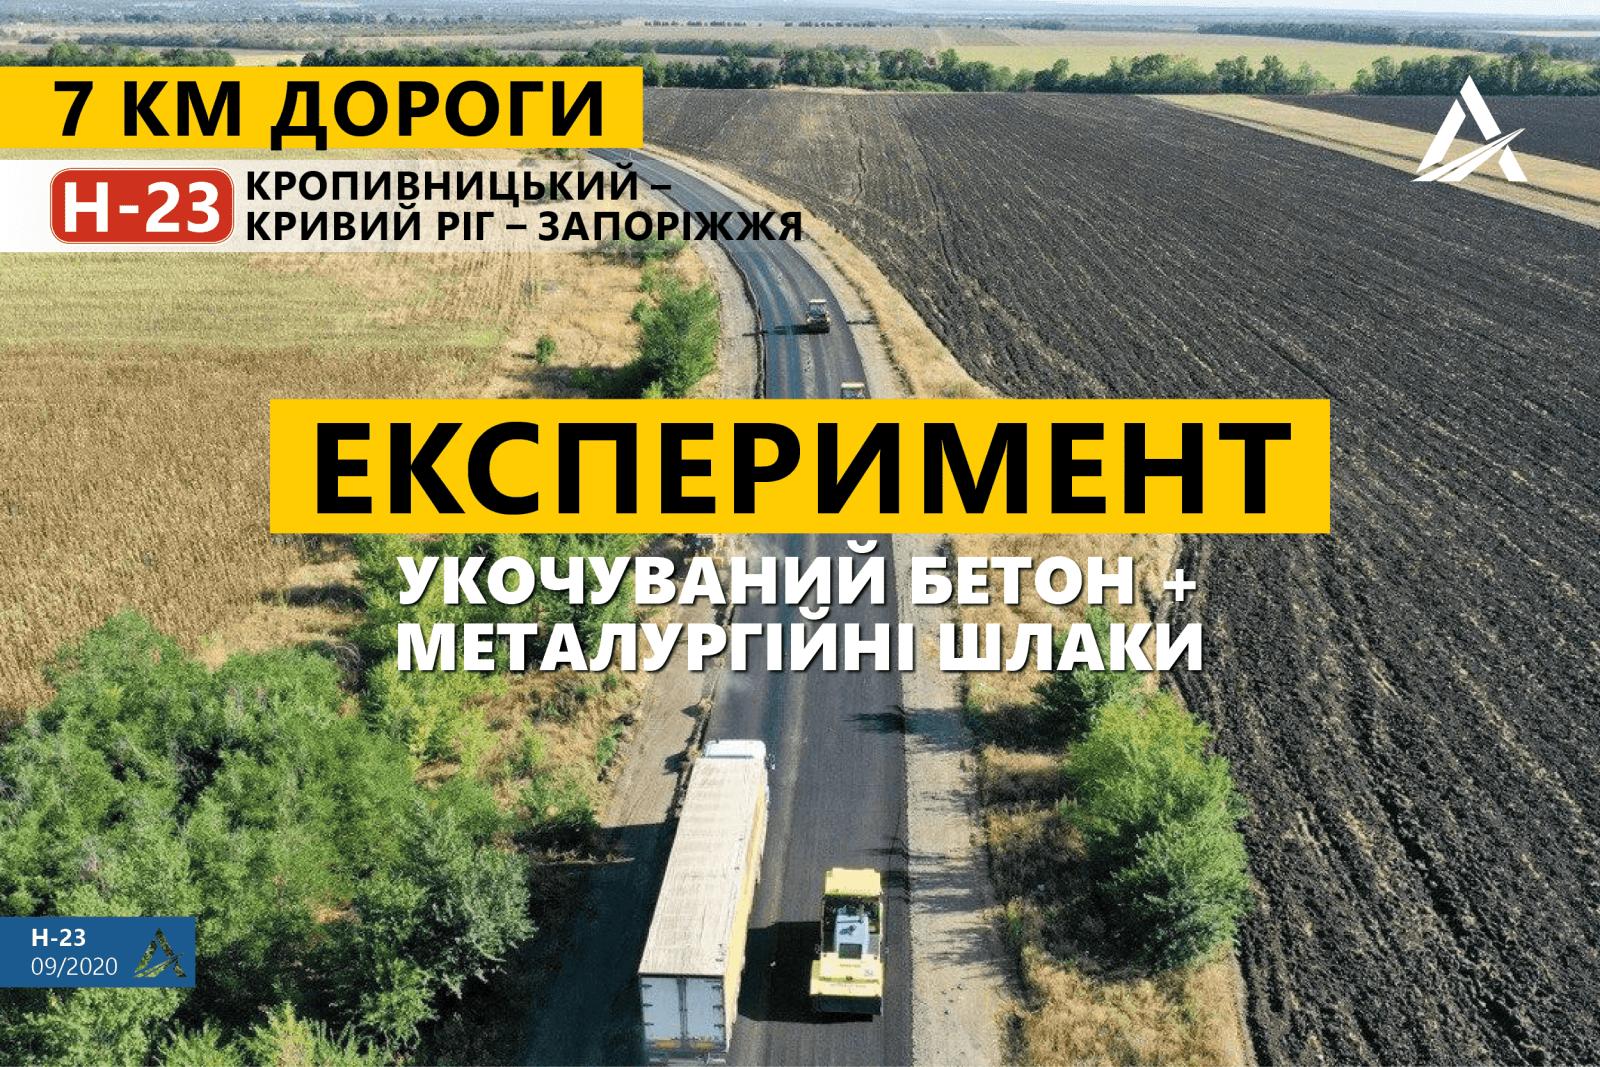 У Дніпропетровській області буде побудовано експериментальну дорогу